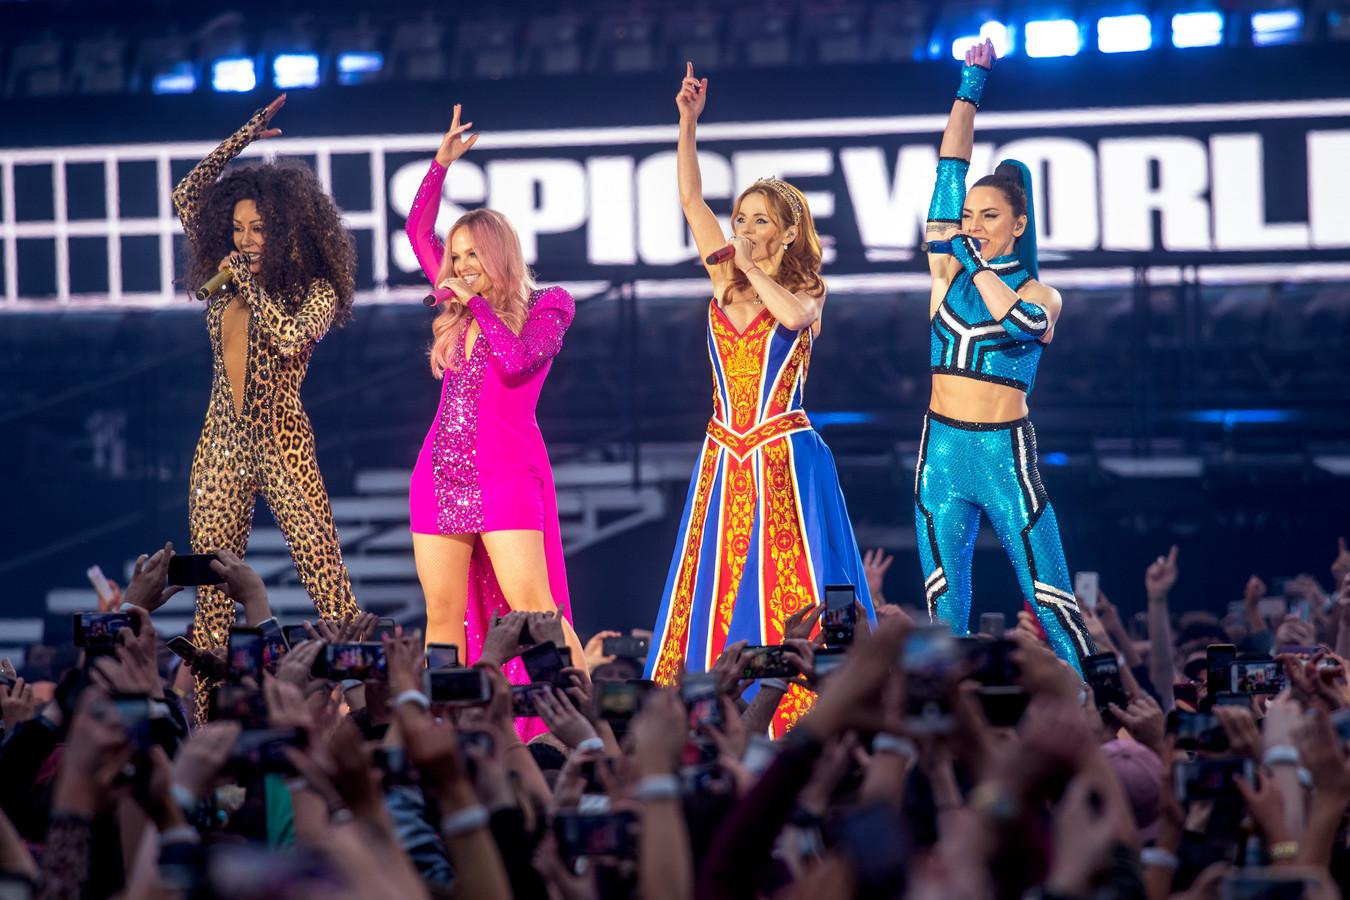 Le premier concert des Spice Girls, à Dublin, le 24 mai